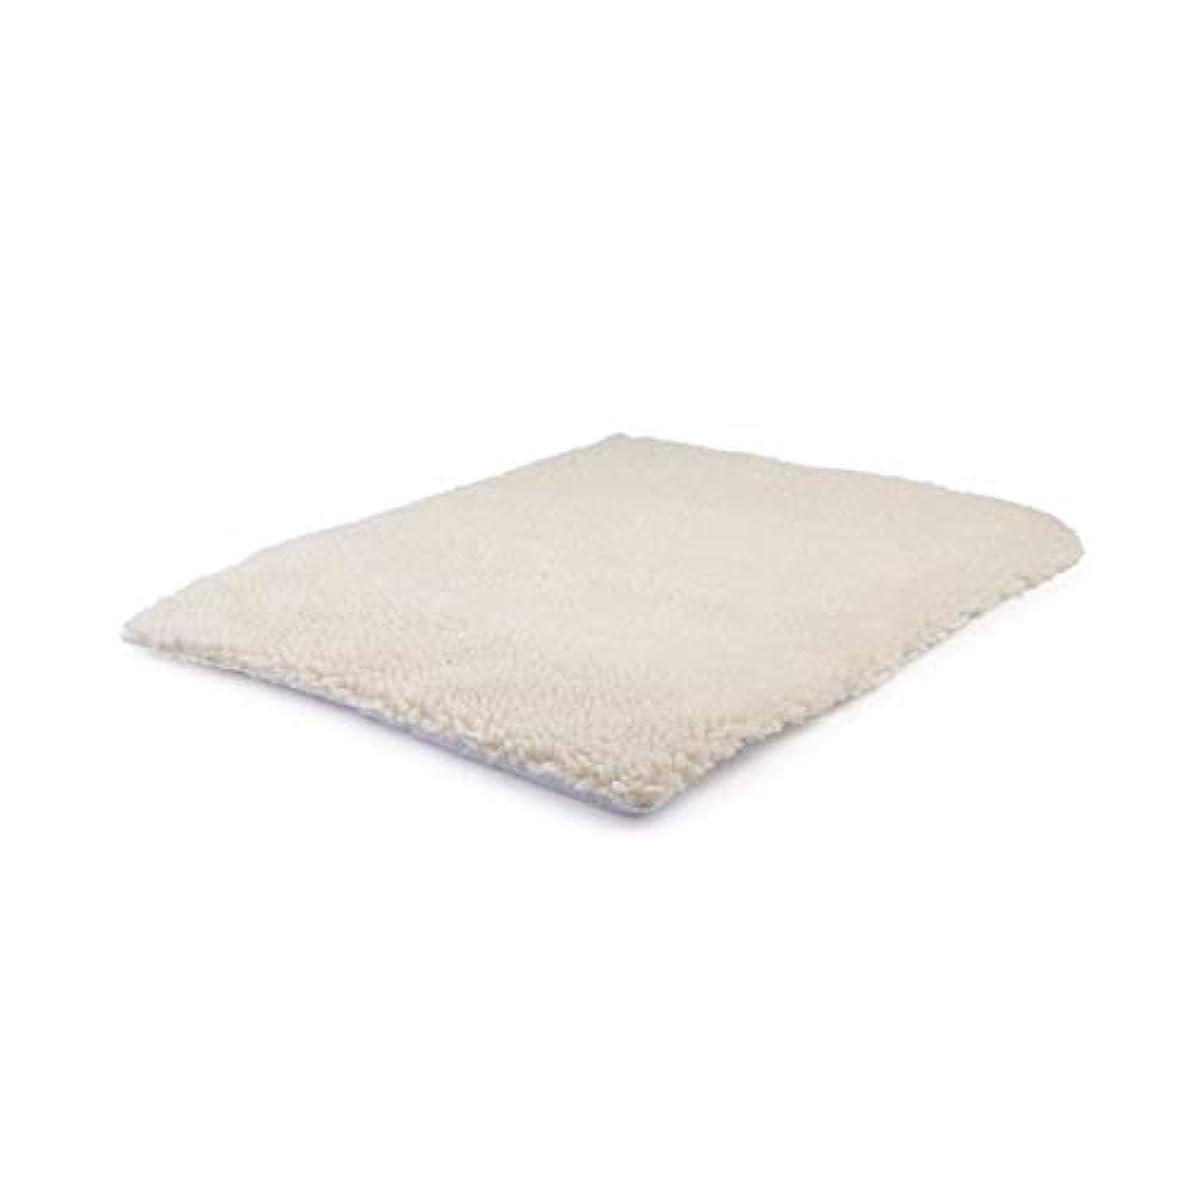 図バケット十分ですSaikogoods 自己発熱ペット毛布 ペットベッド ウォッシャブル ノーエレクトリック スーパーソフト 子犬子猫毛布 ベッドマット ベージュ 640×460mm